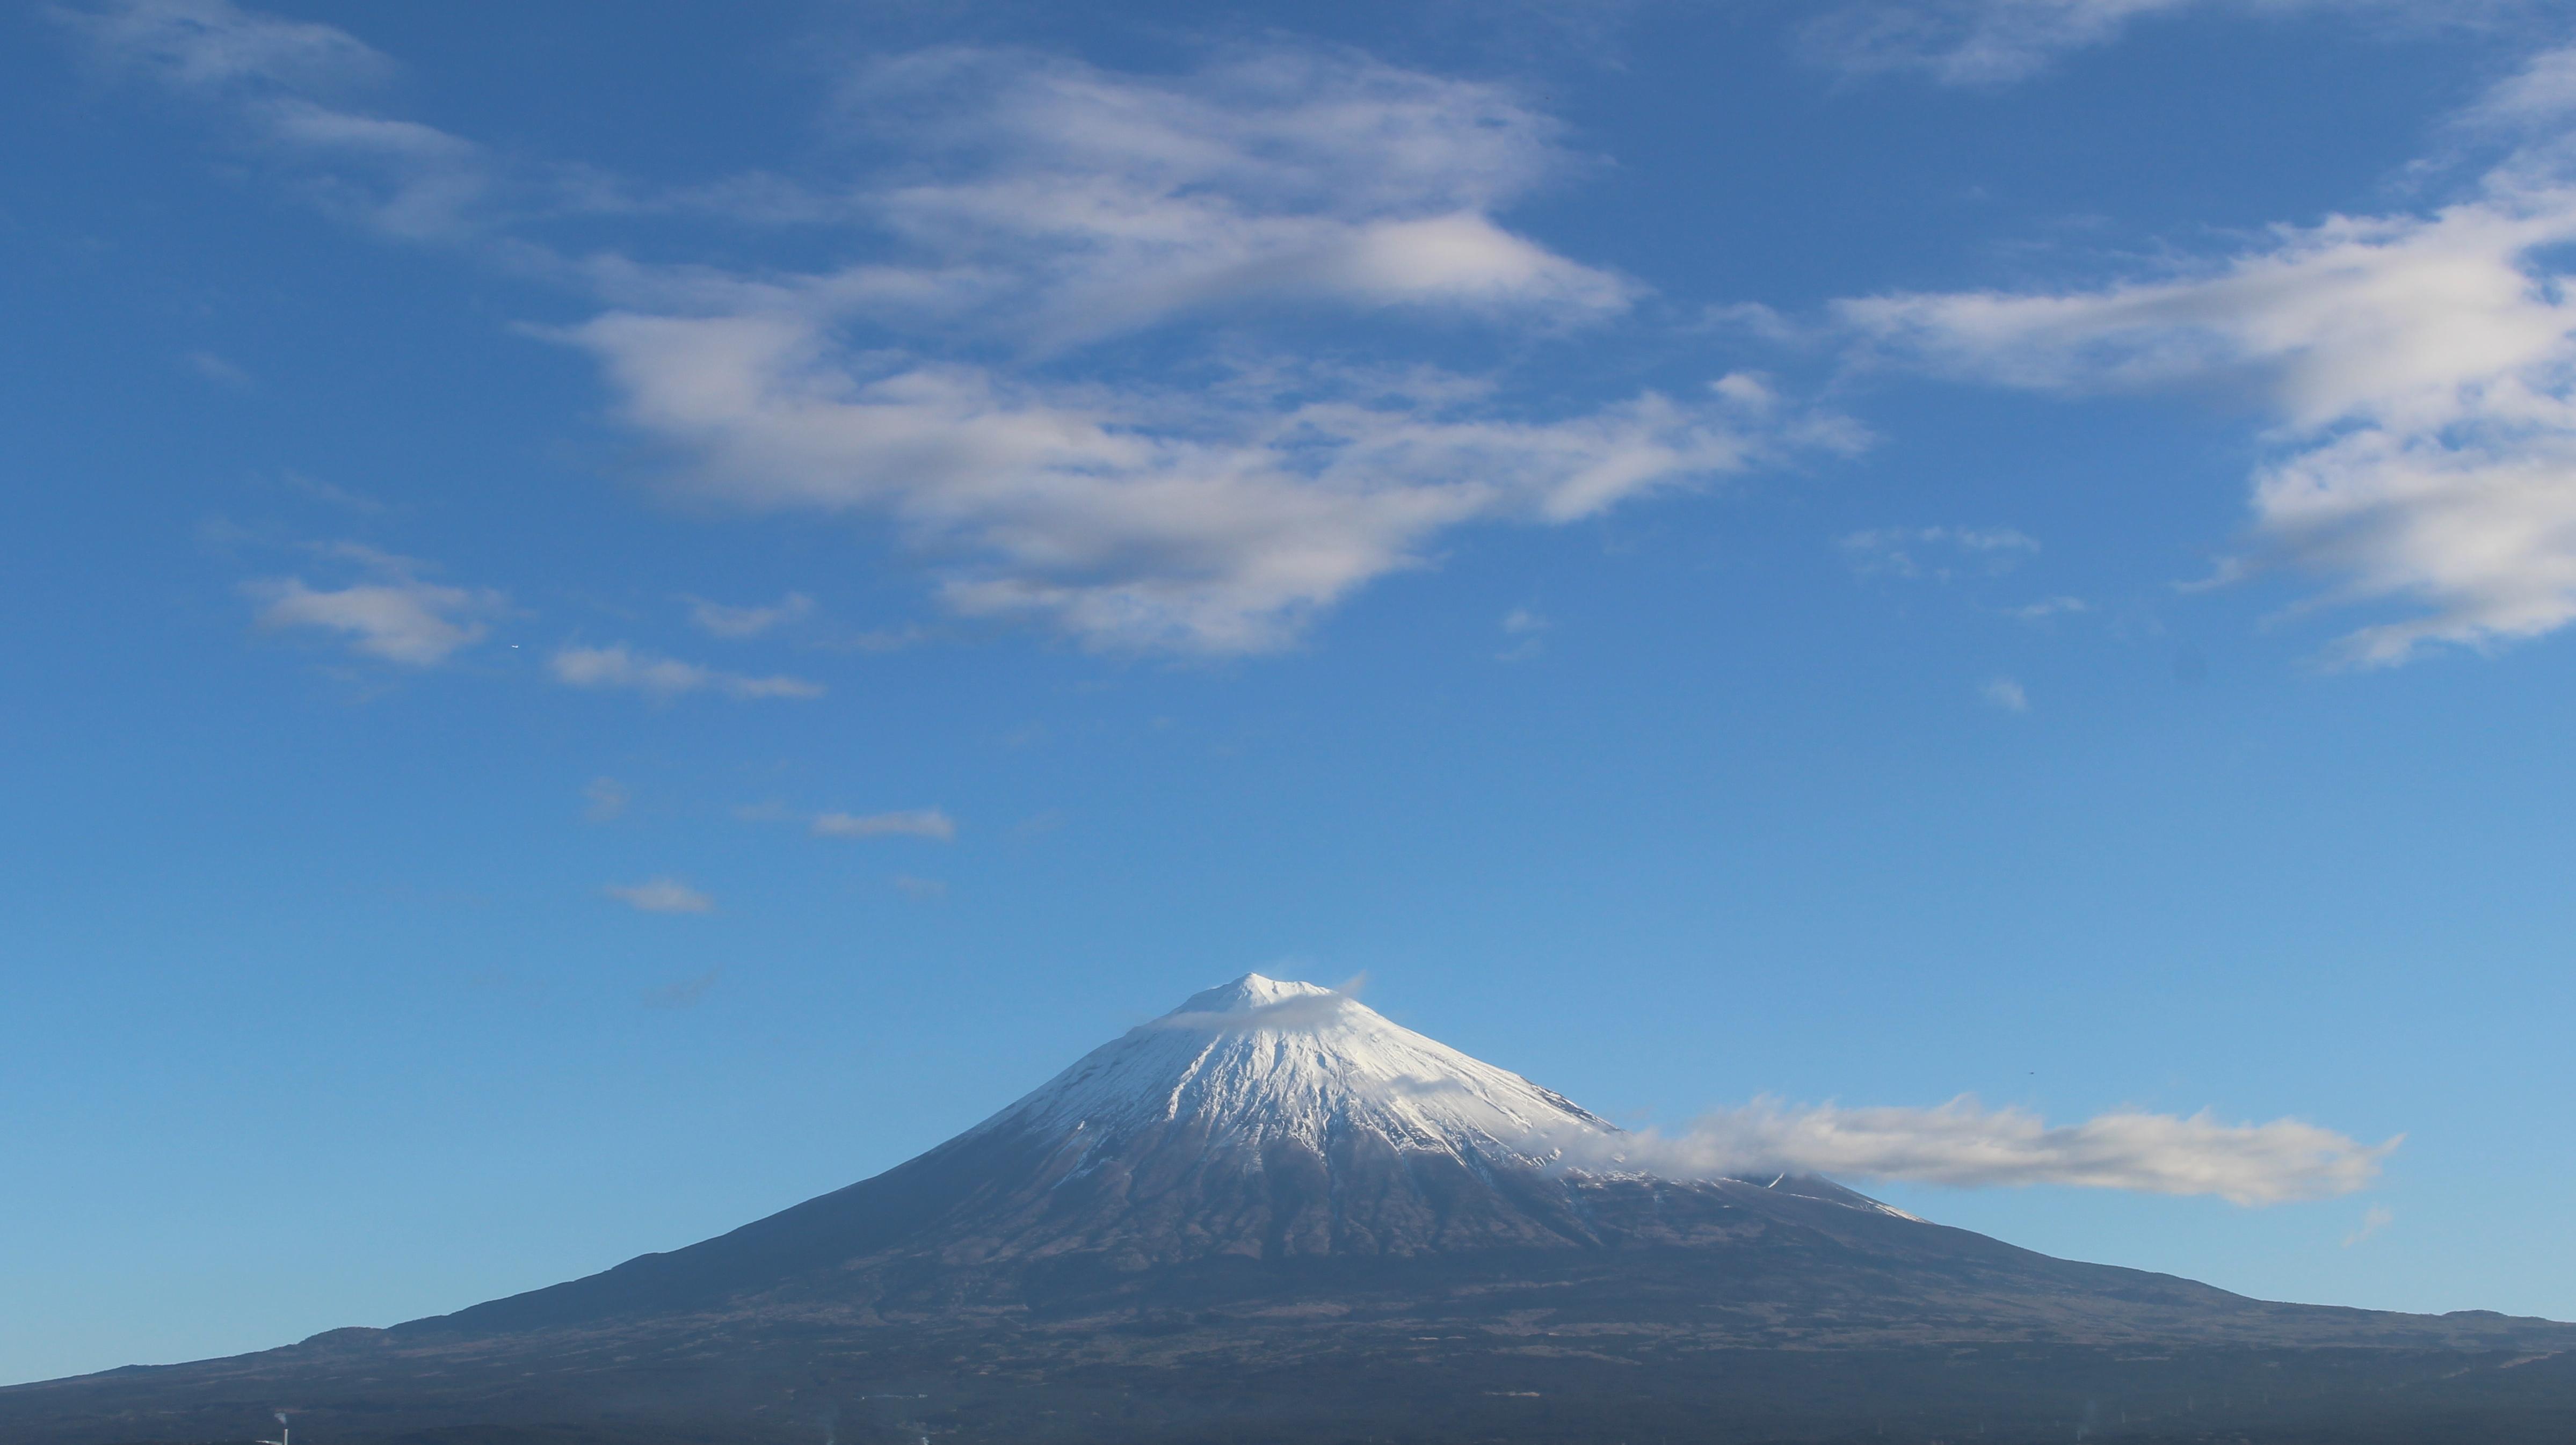 2017年1月31日の富士山の写真